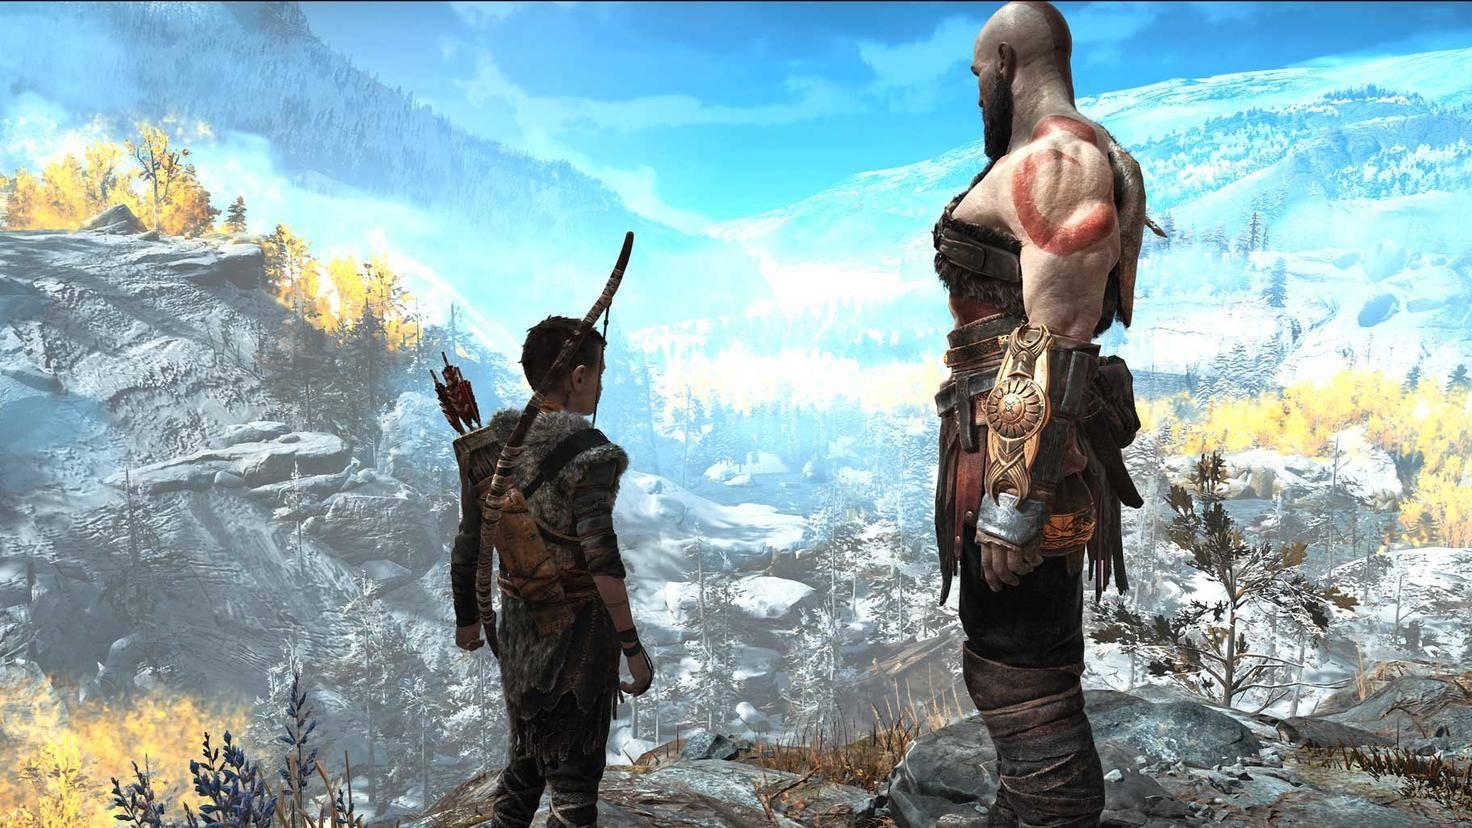 god-of-war-screenshot-kratos-atreus